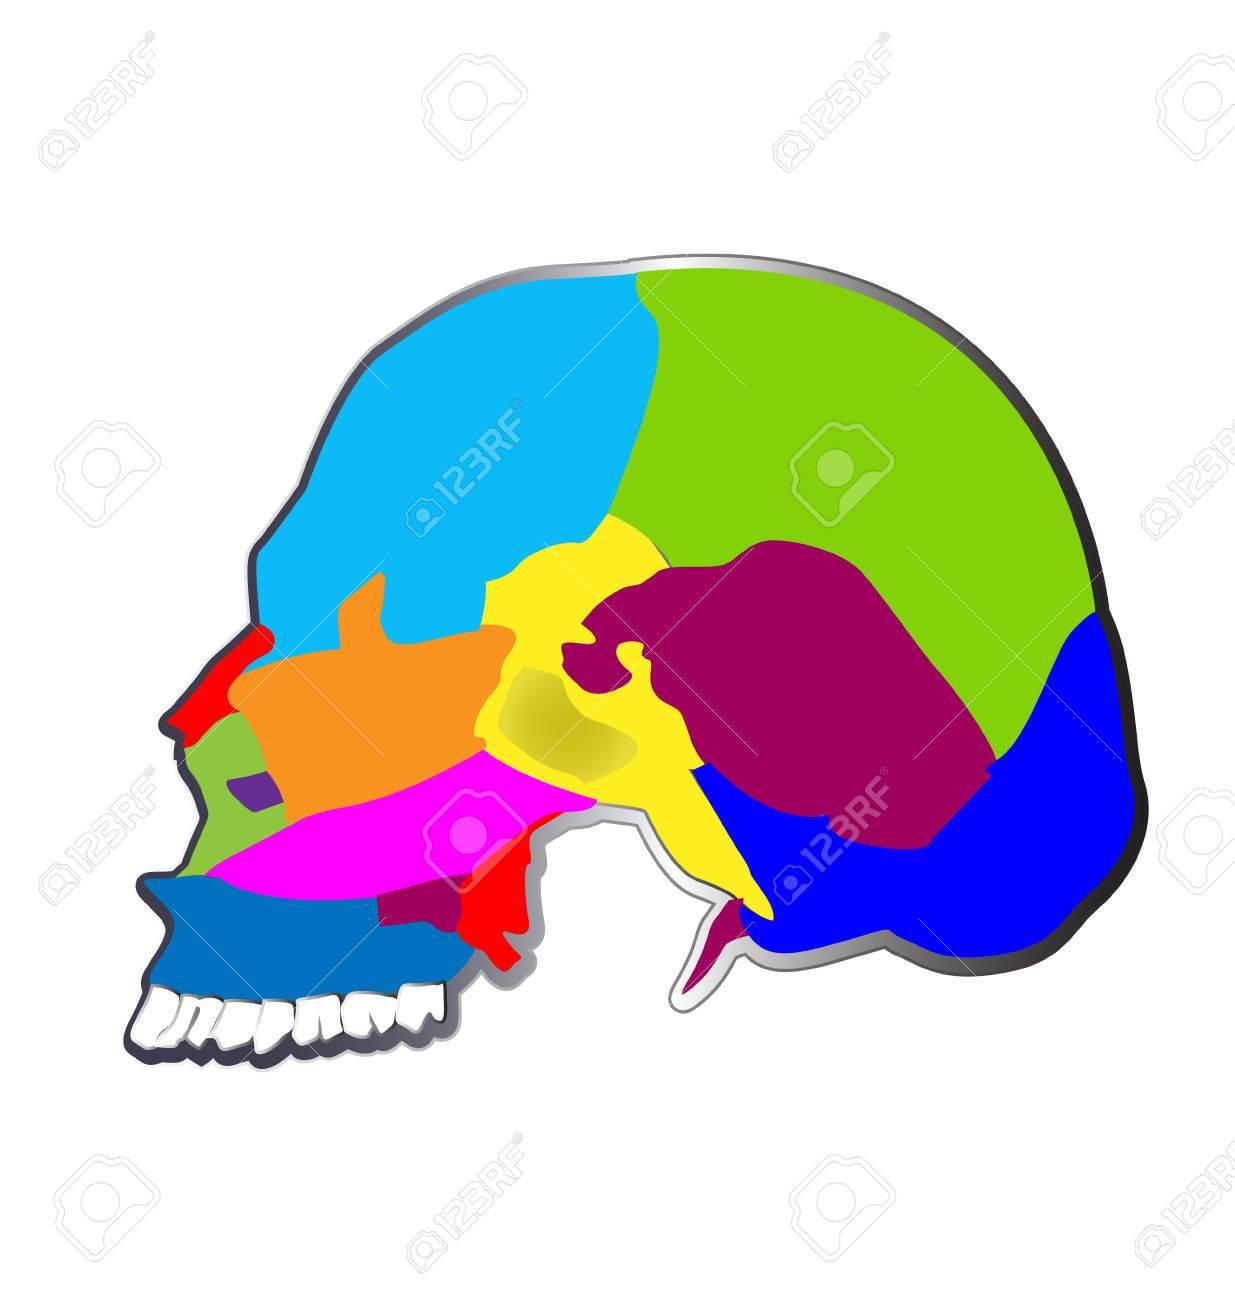 Los Huesos Del Cráneo, Las Funciones, La Estructura Y La Anatomía ...